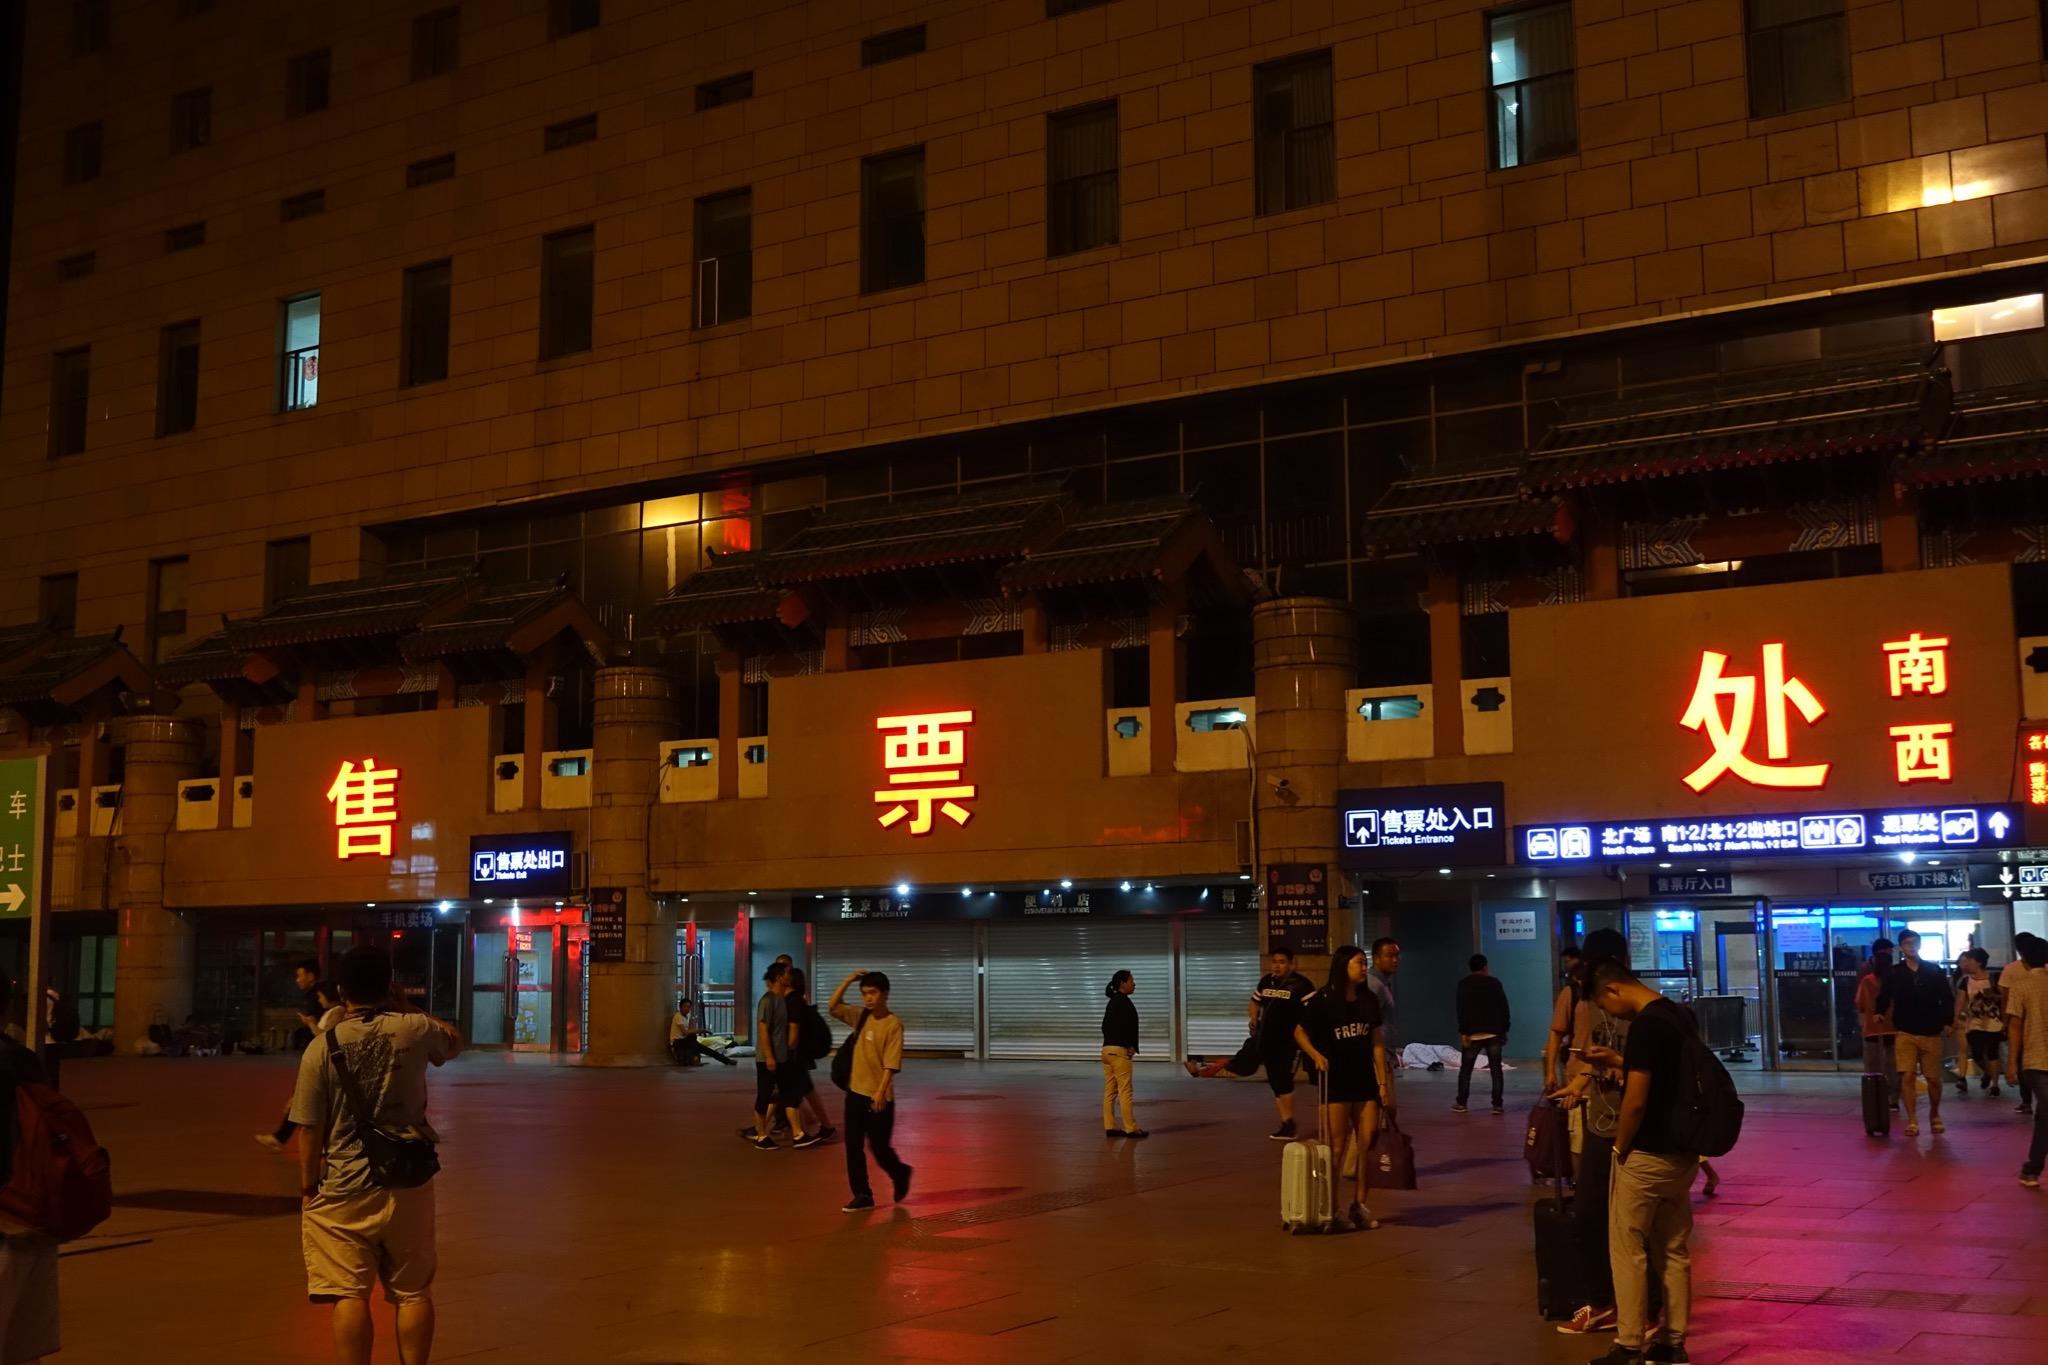 抵达北京西站